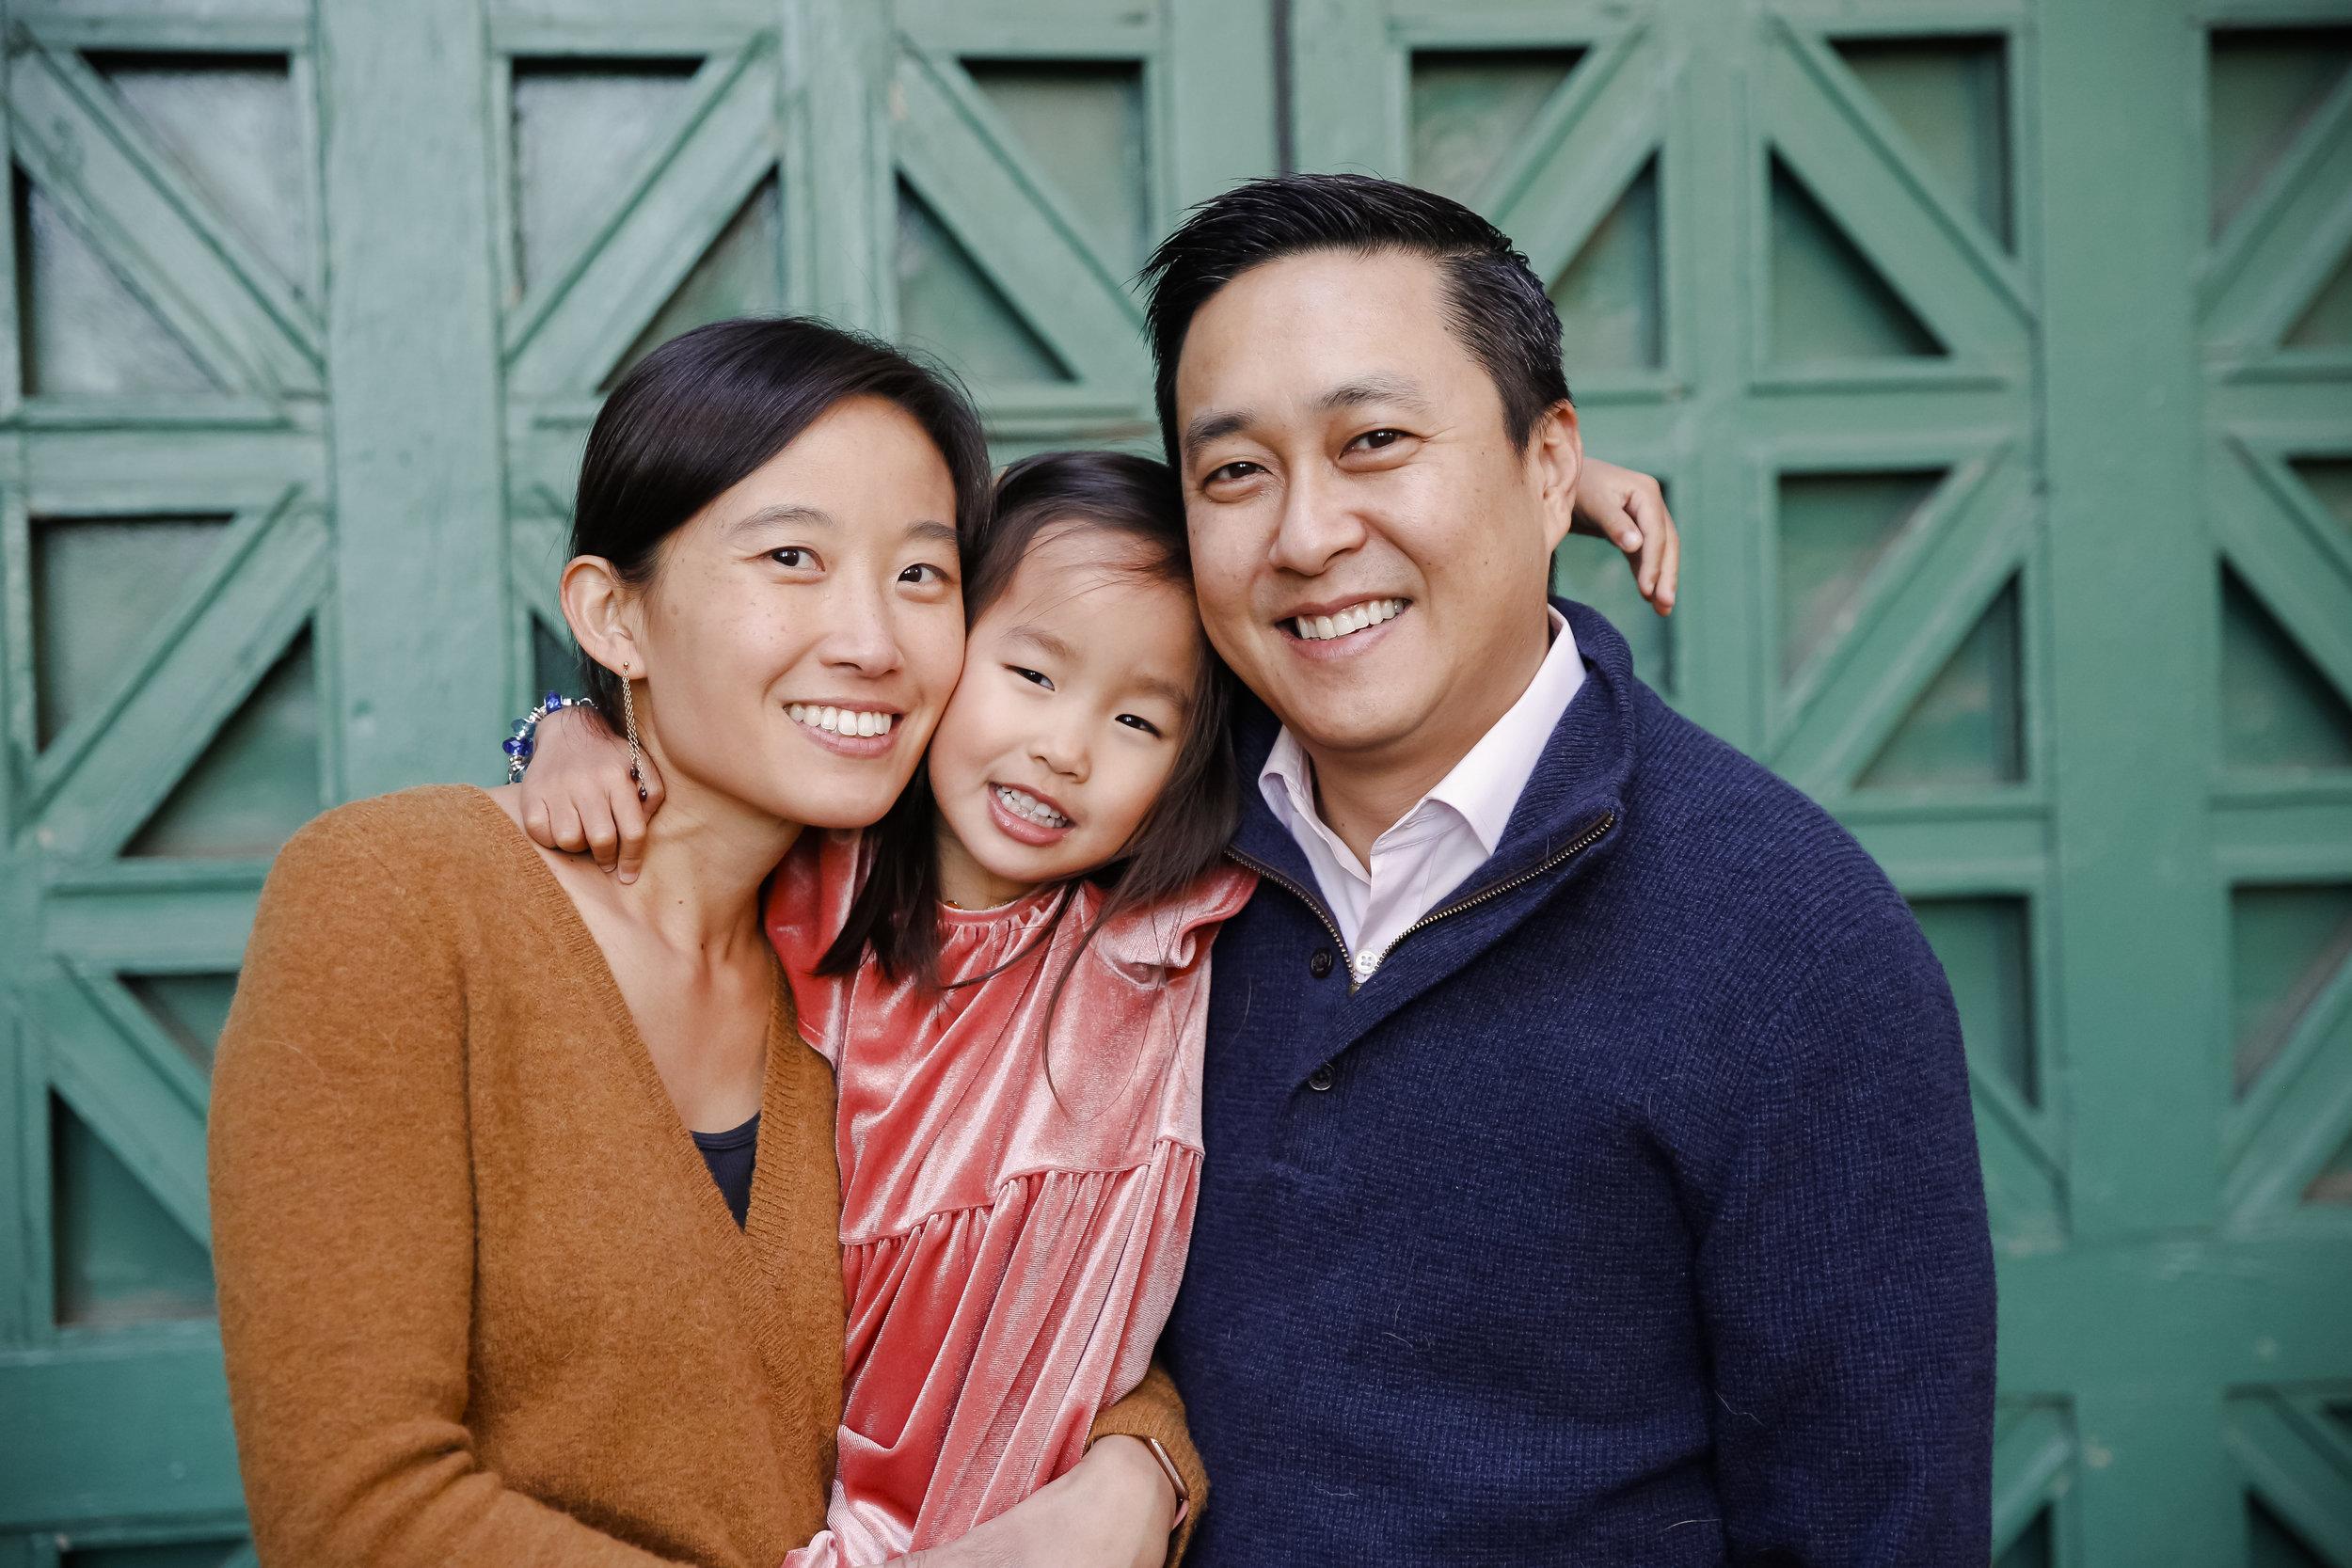 linfamily-ahp-00192.jpg